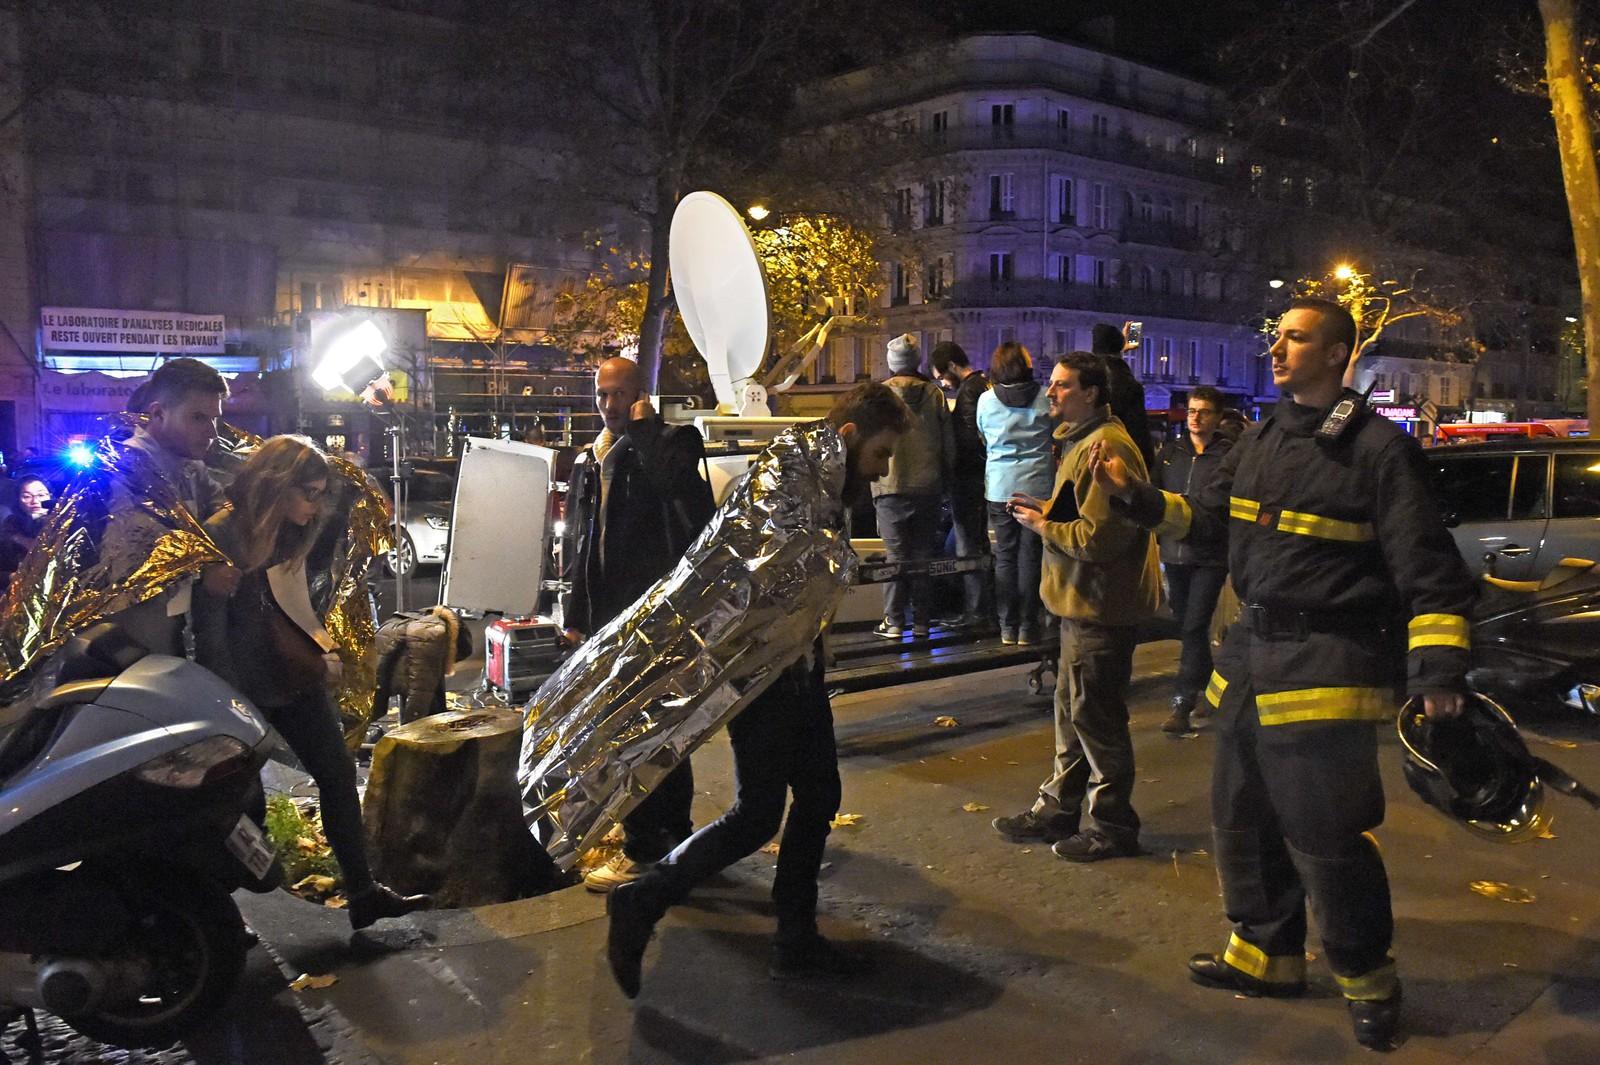 – HOLLANDES SKYLD: En av angriperne skal ifølge et vitne ha sagt at angrepet var president Francois Hollandes skyld.